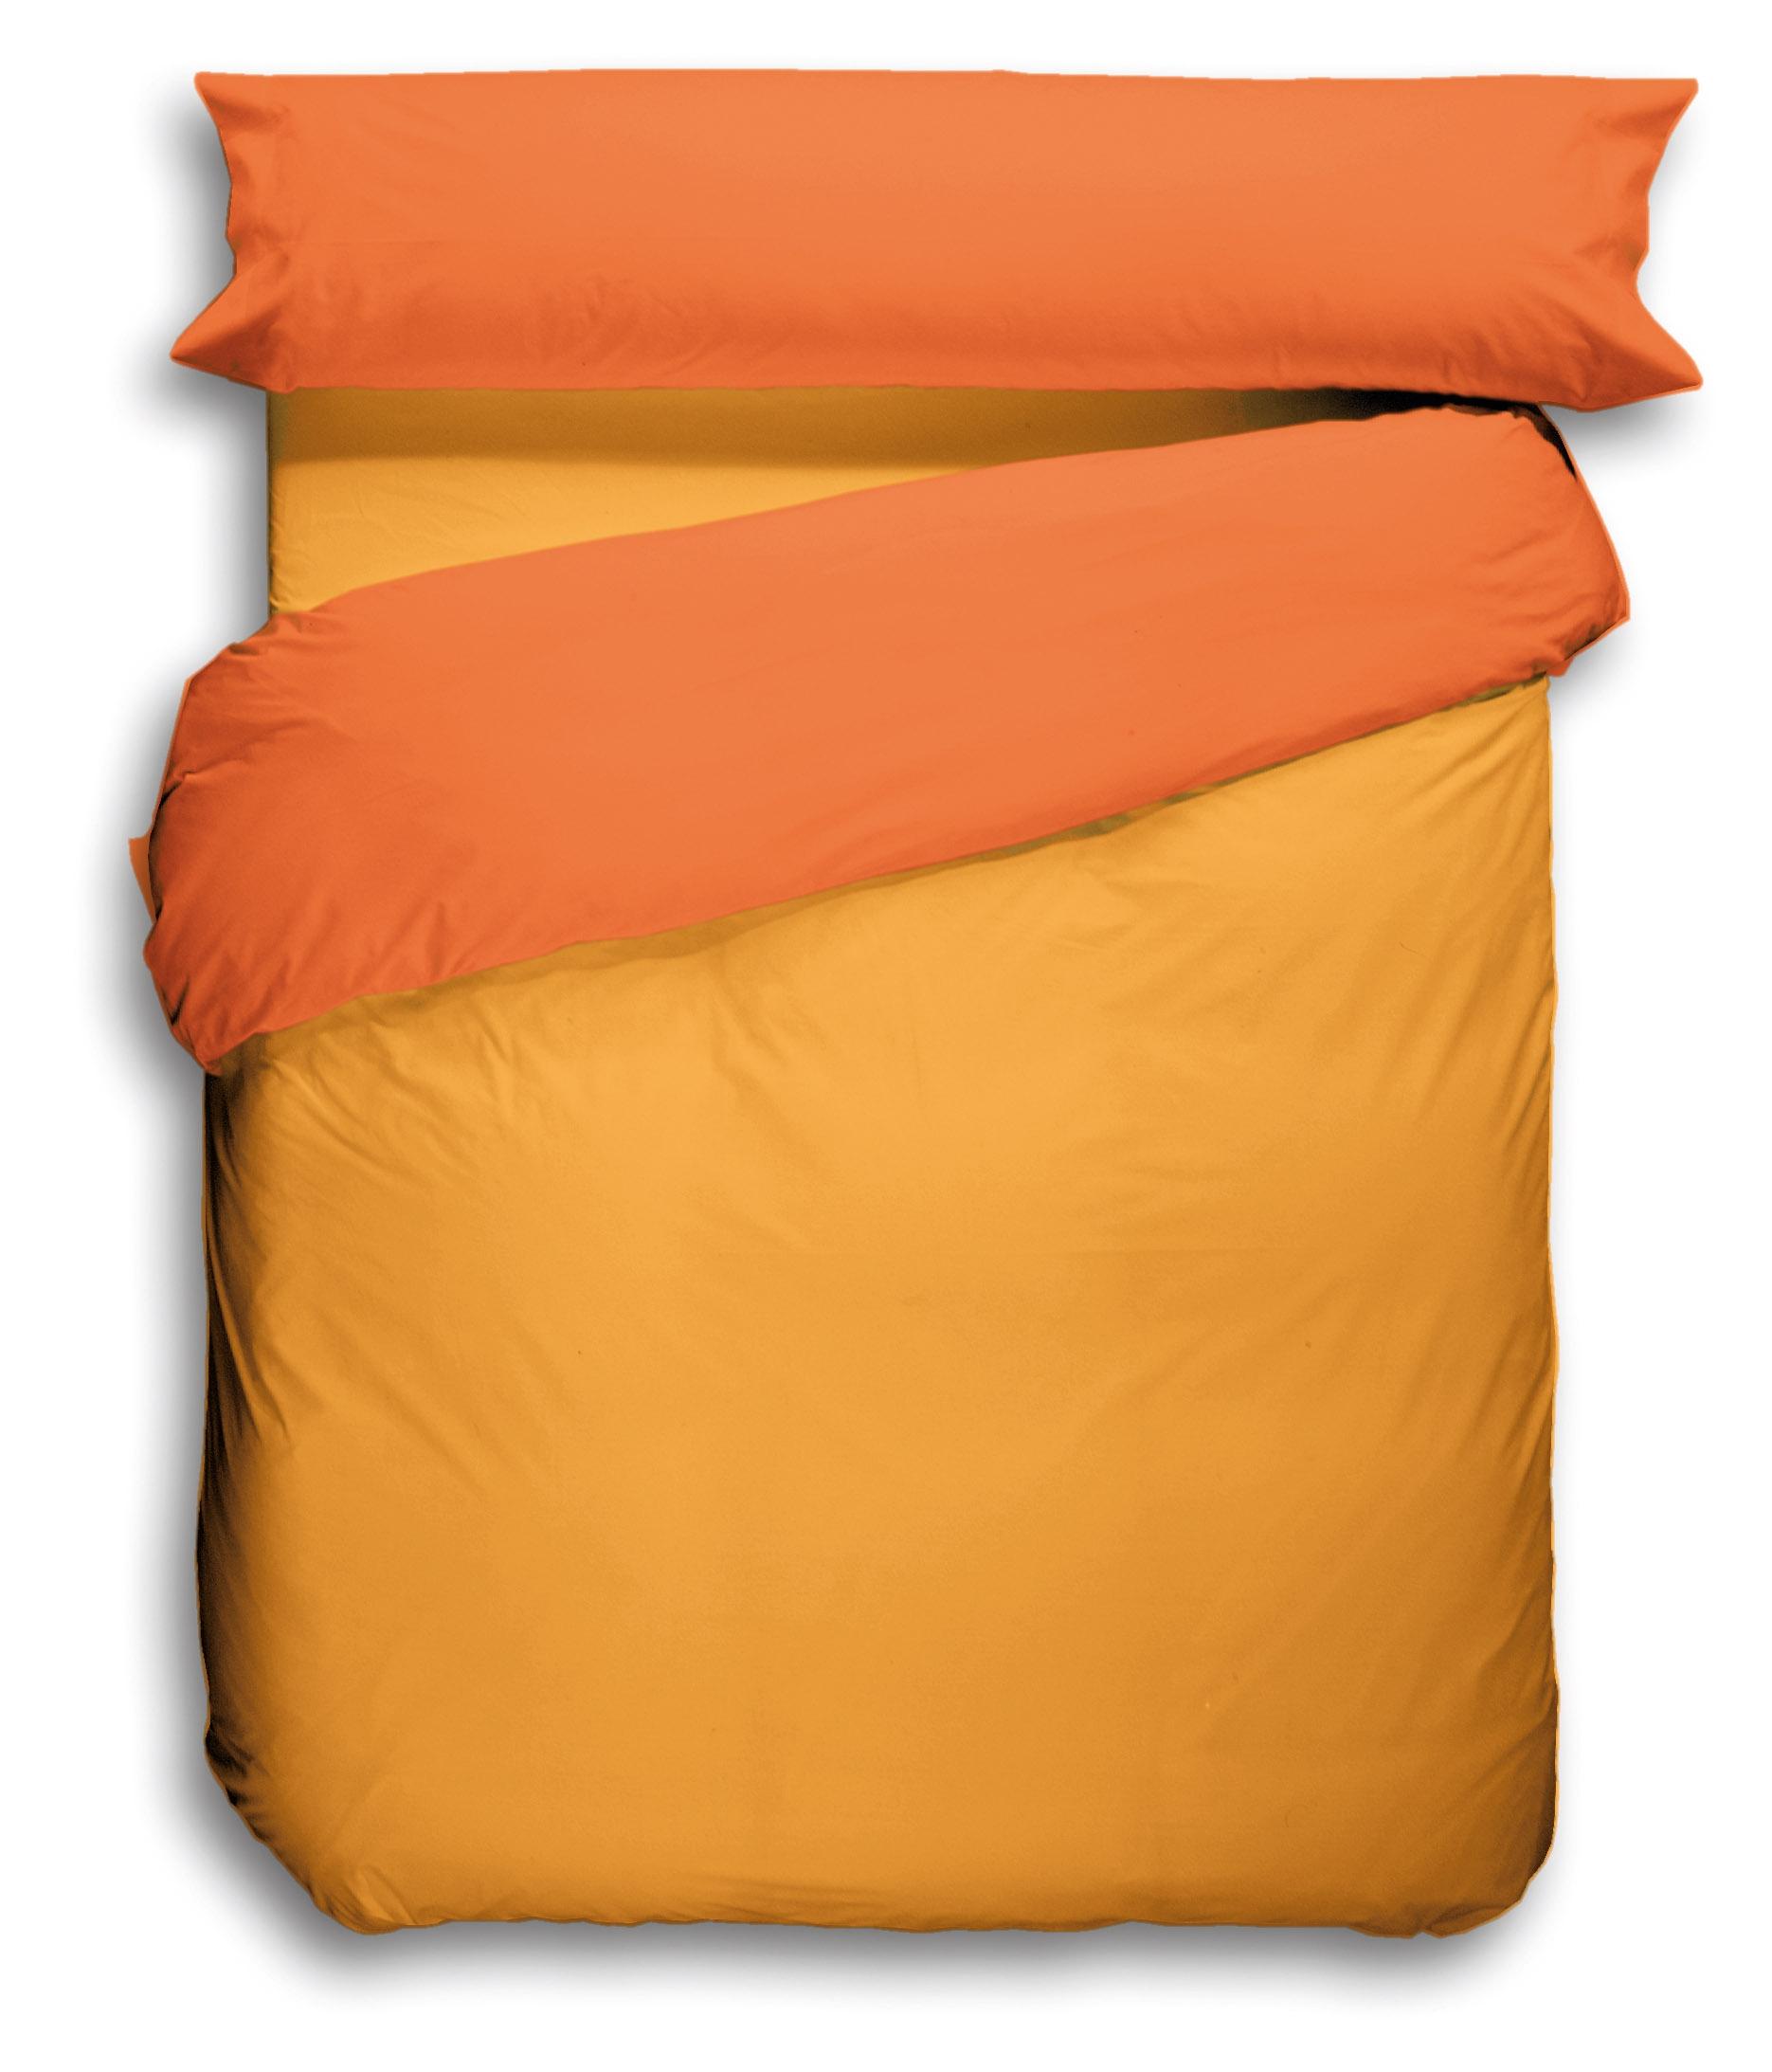 Naranja-Naranja caqui